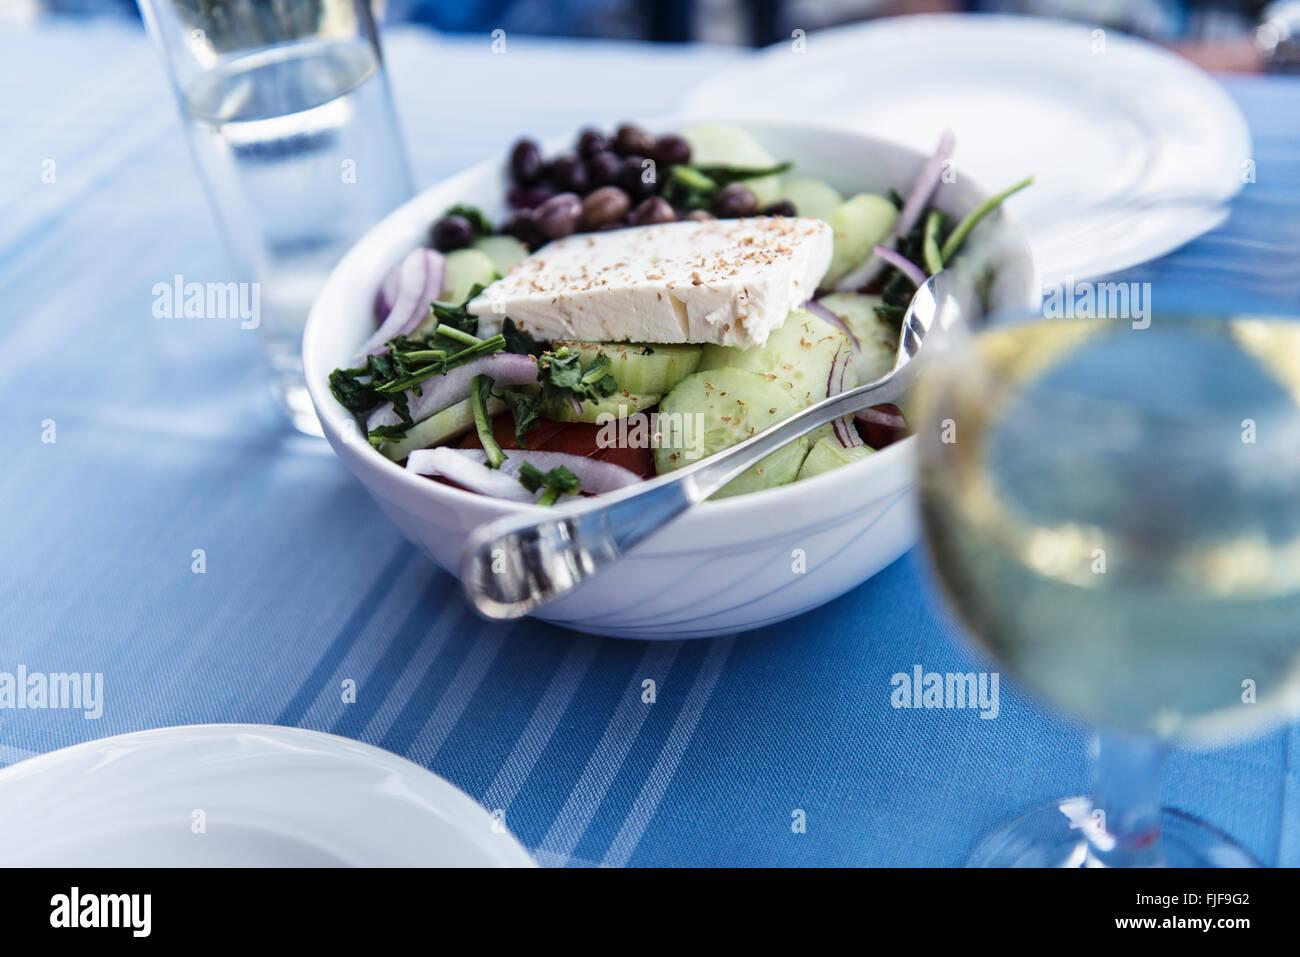 Gesunden griechischen Salat auf dem Teller mit Gemüse und Feta-Käse, Griechenland Stockbild